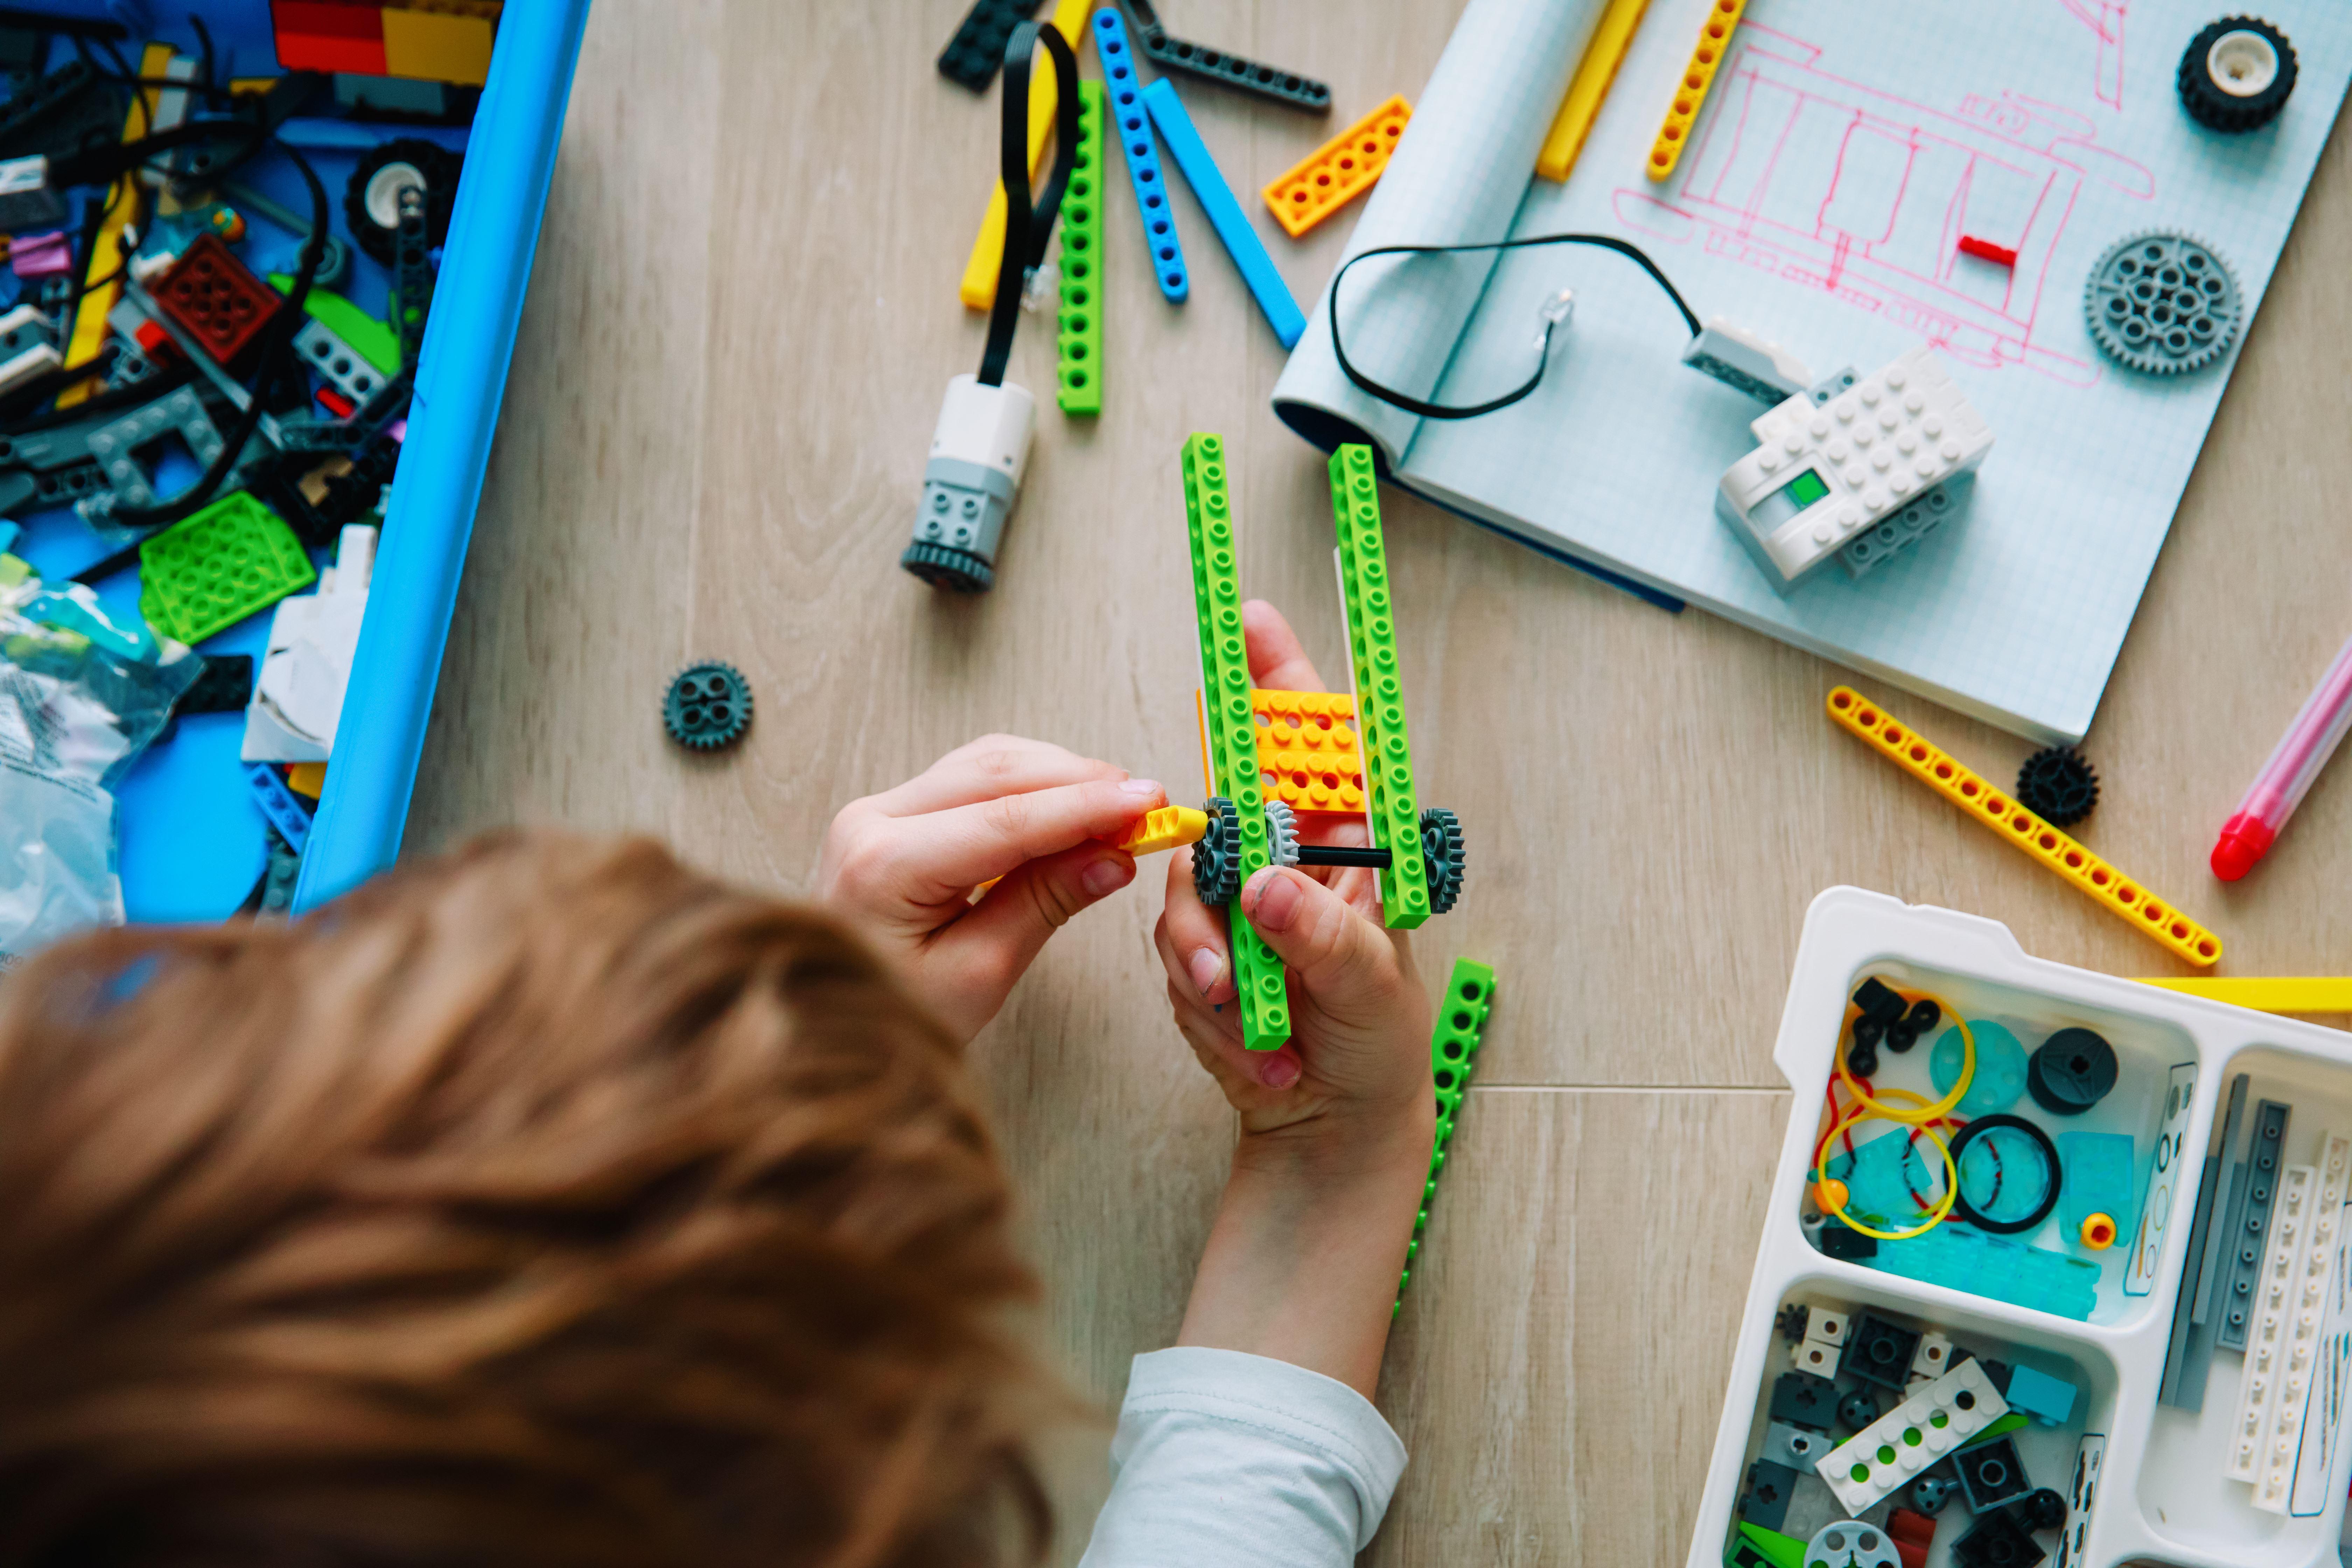 Natal FNAC: Brinquedos STEM para ofereceres neste Natal